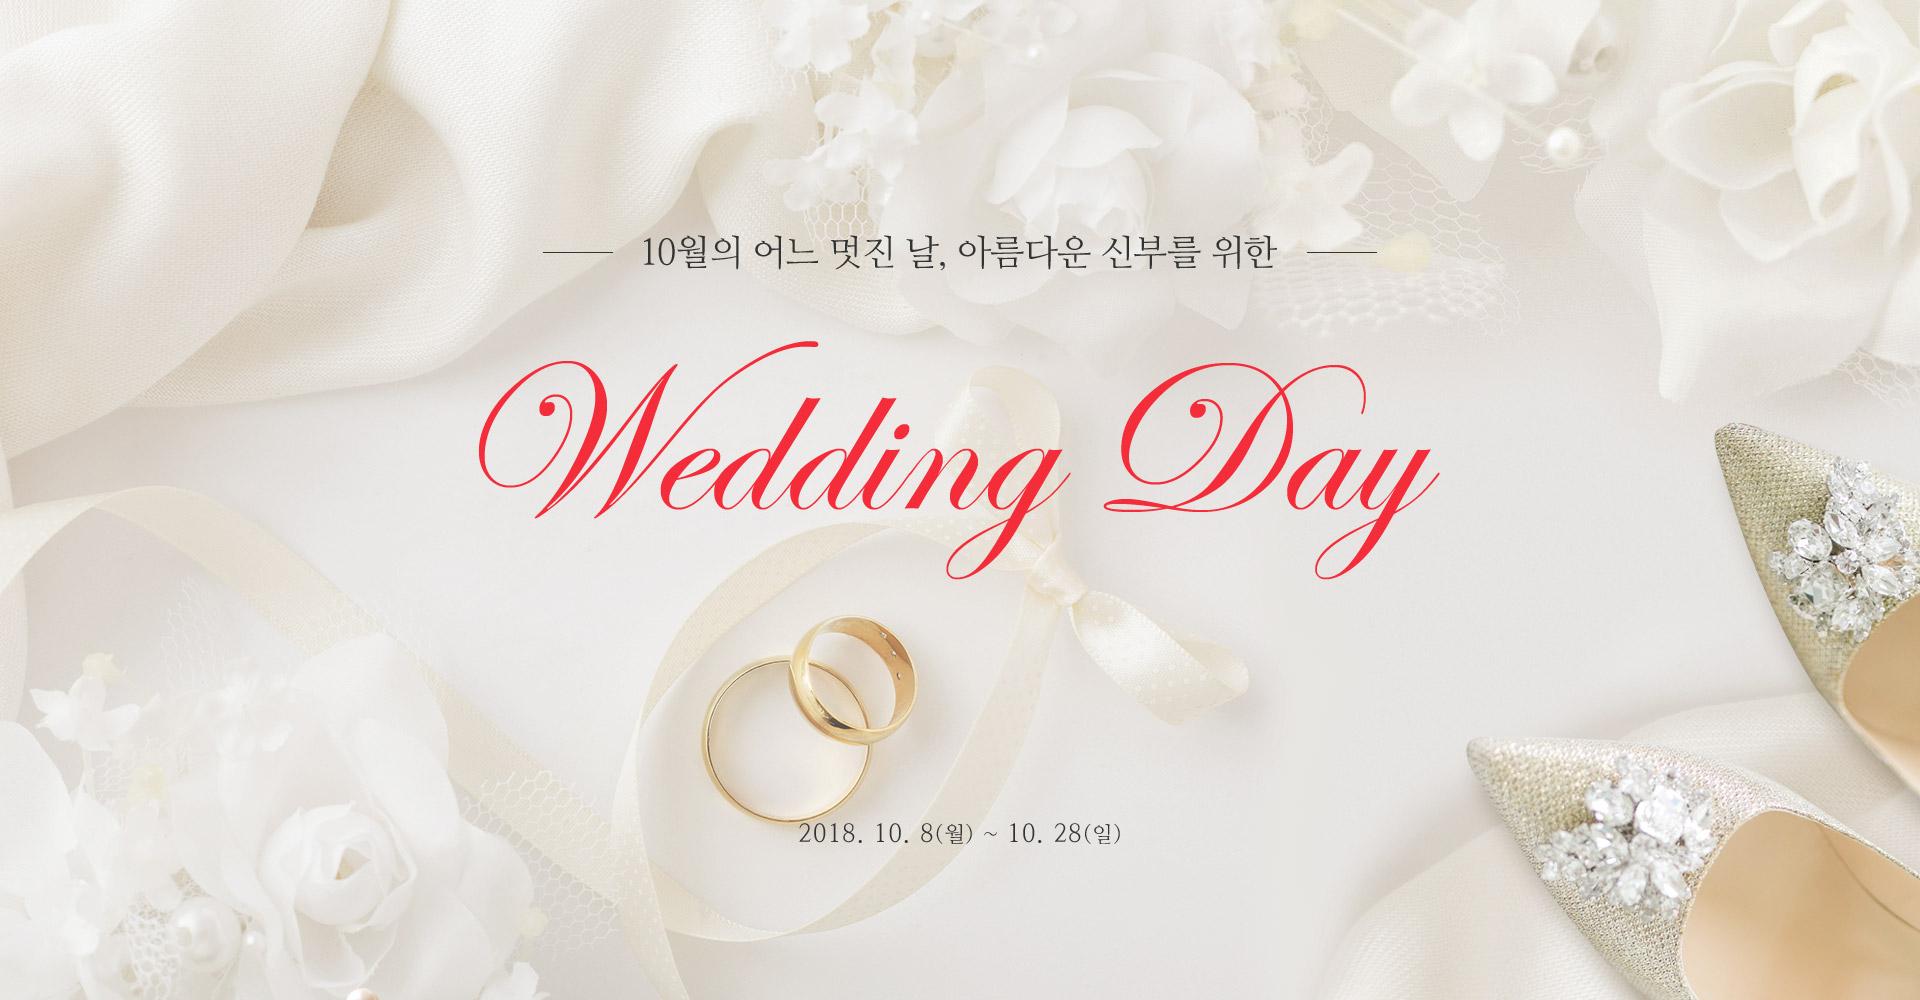 10월 어느 멋진날, 아름다운 신부를 위한 wedding day 2018.10.8~10.28 .happy wedding day 일생에 가장 로맨틱한 순가능로 꿈꿔왔던 wedding 가슴 설레는 그소중한 순간을 빛나게 해줄 아름다운 룩을 제안합니다.